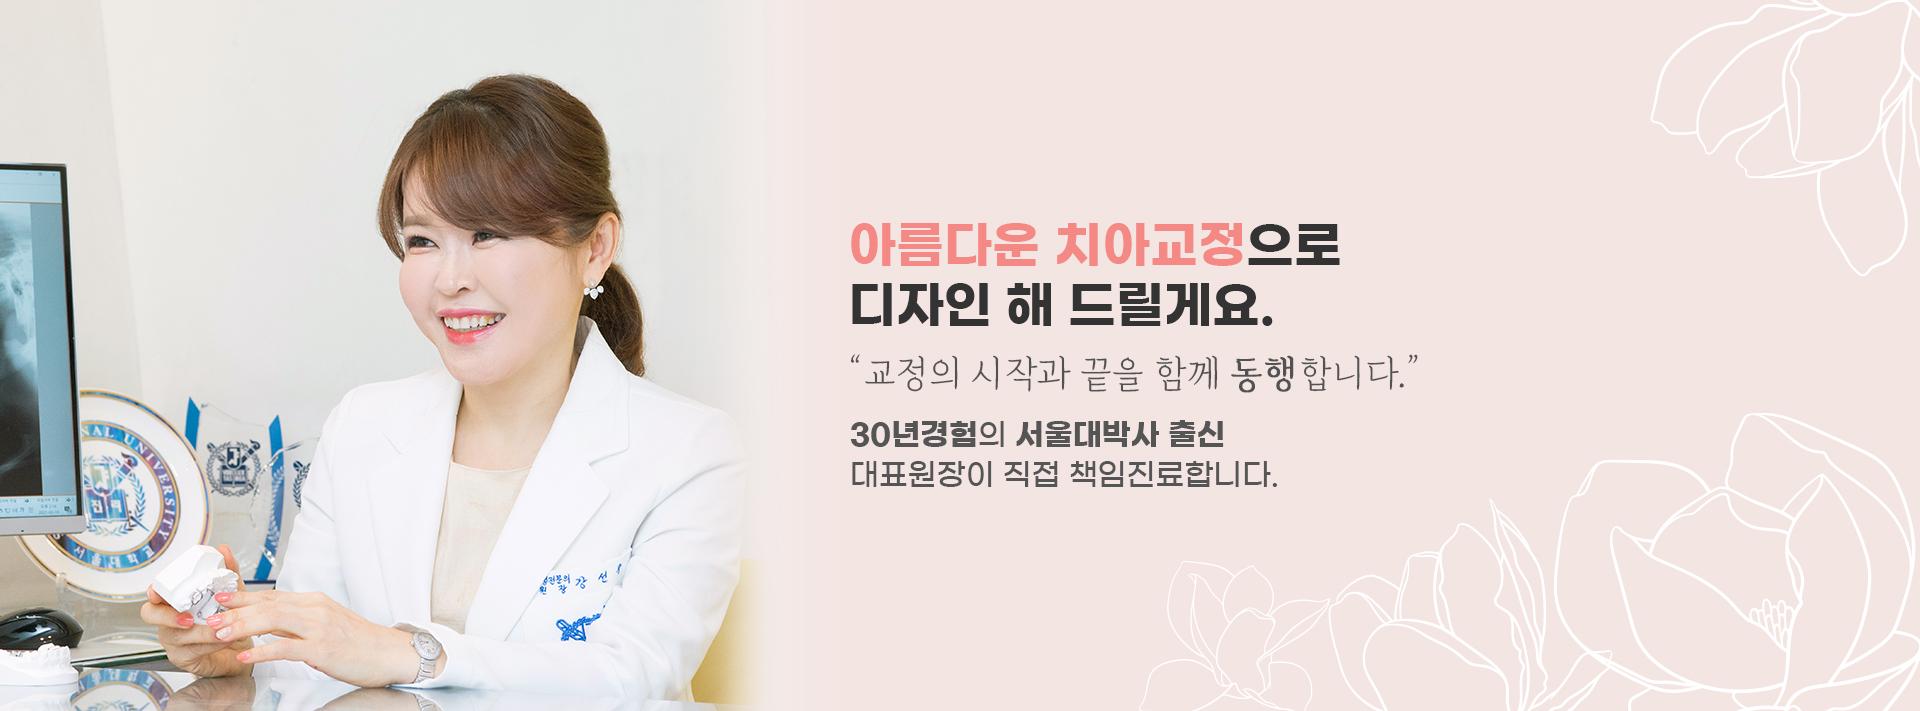 서울고운미소치과